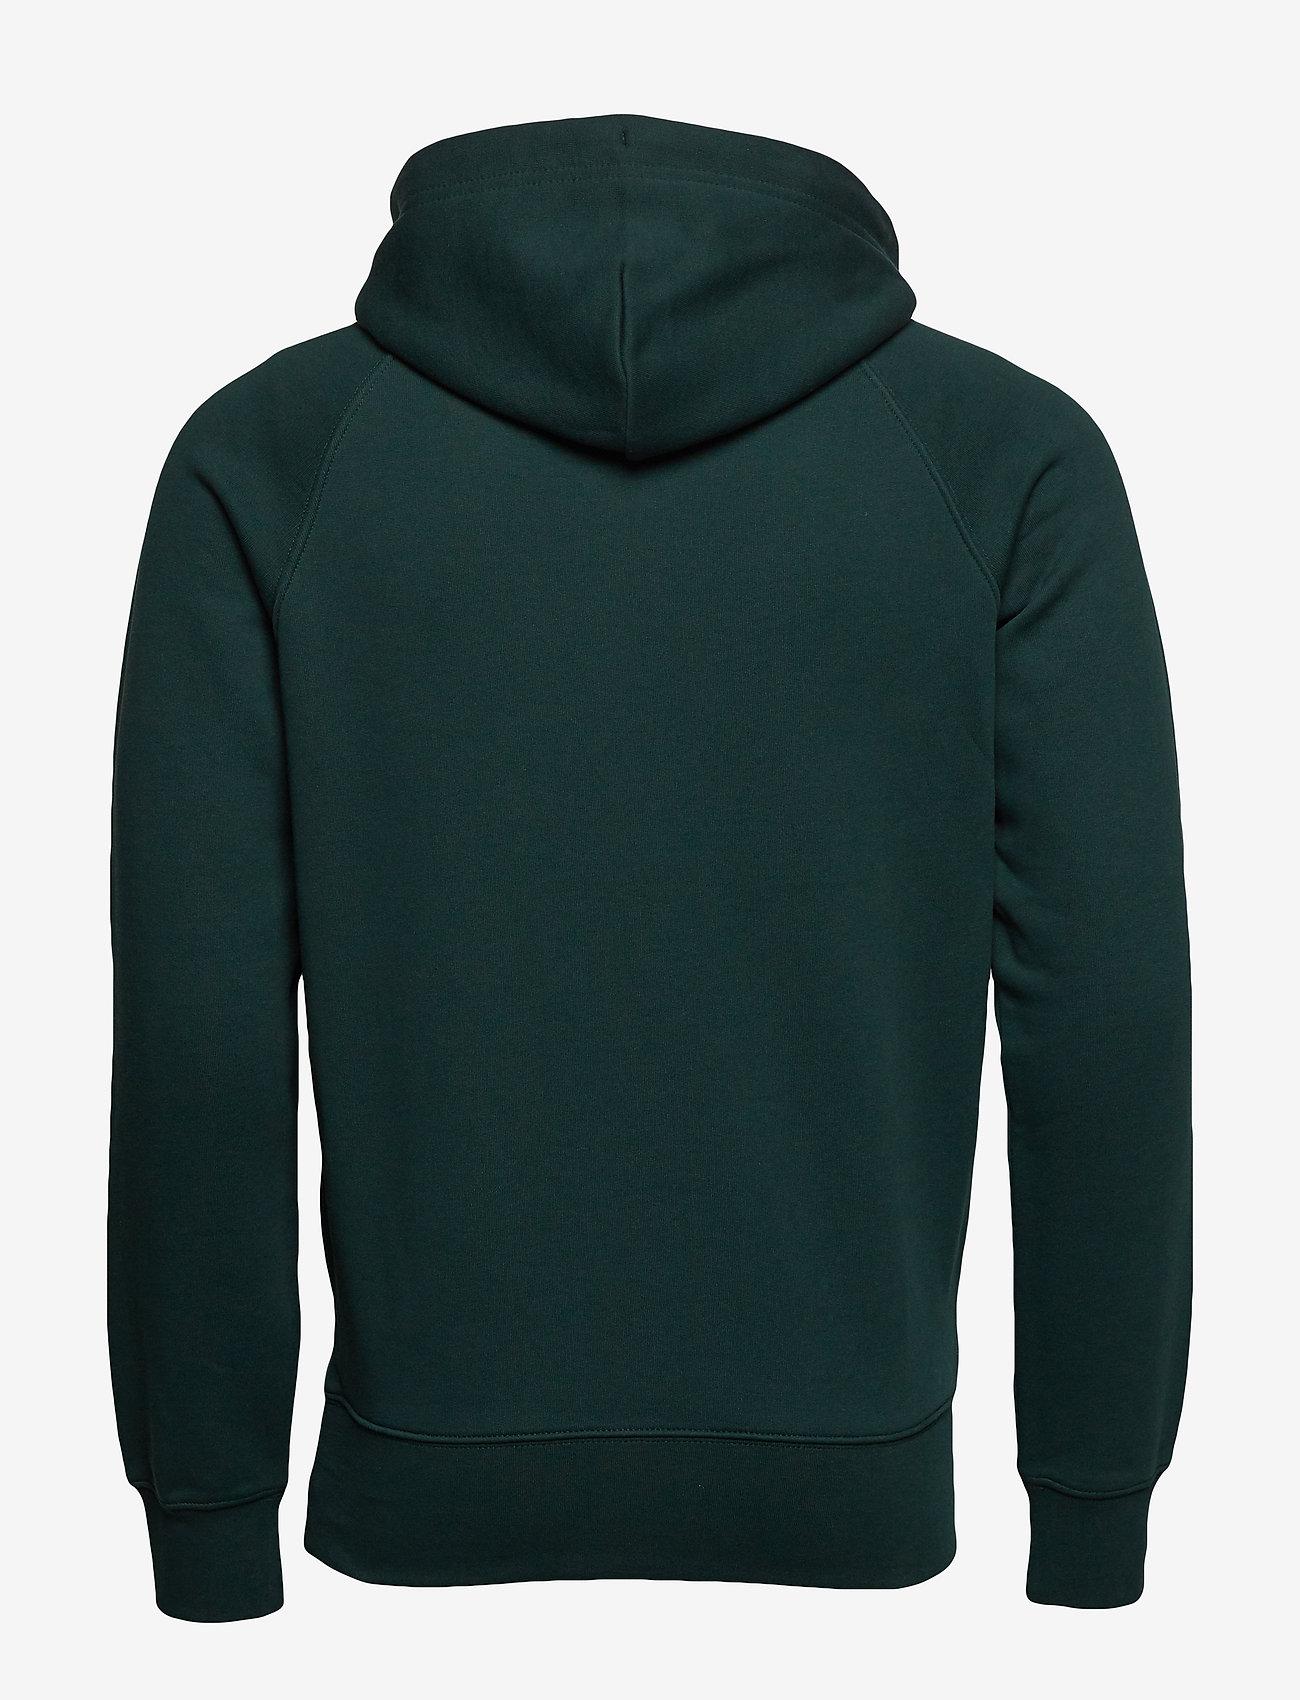 GANT - SHIELD HOODIE - hoodies - tartan green - 1